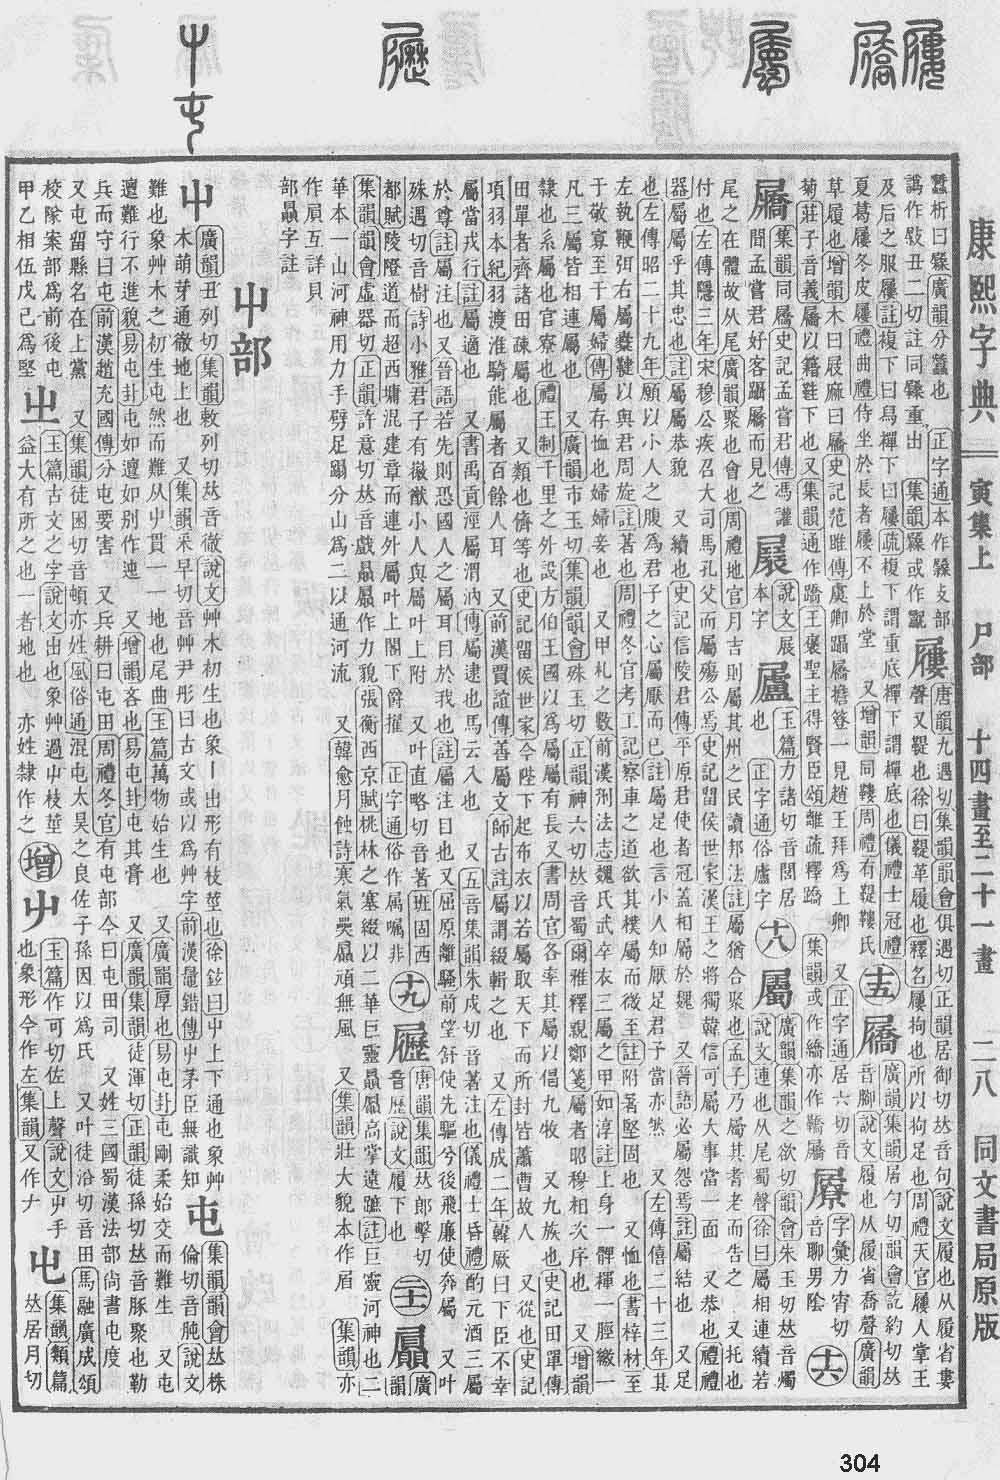 《康熙字典》第304页